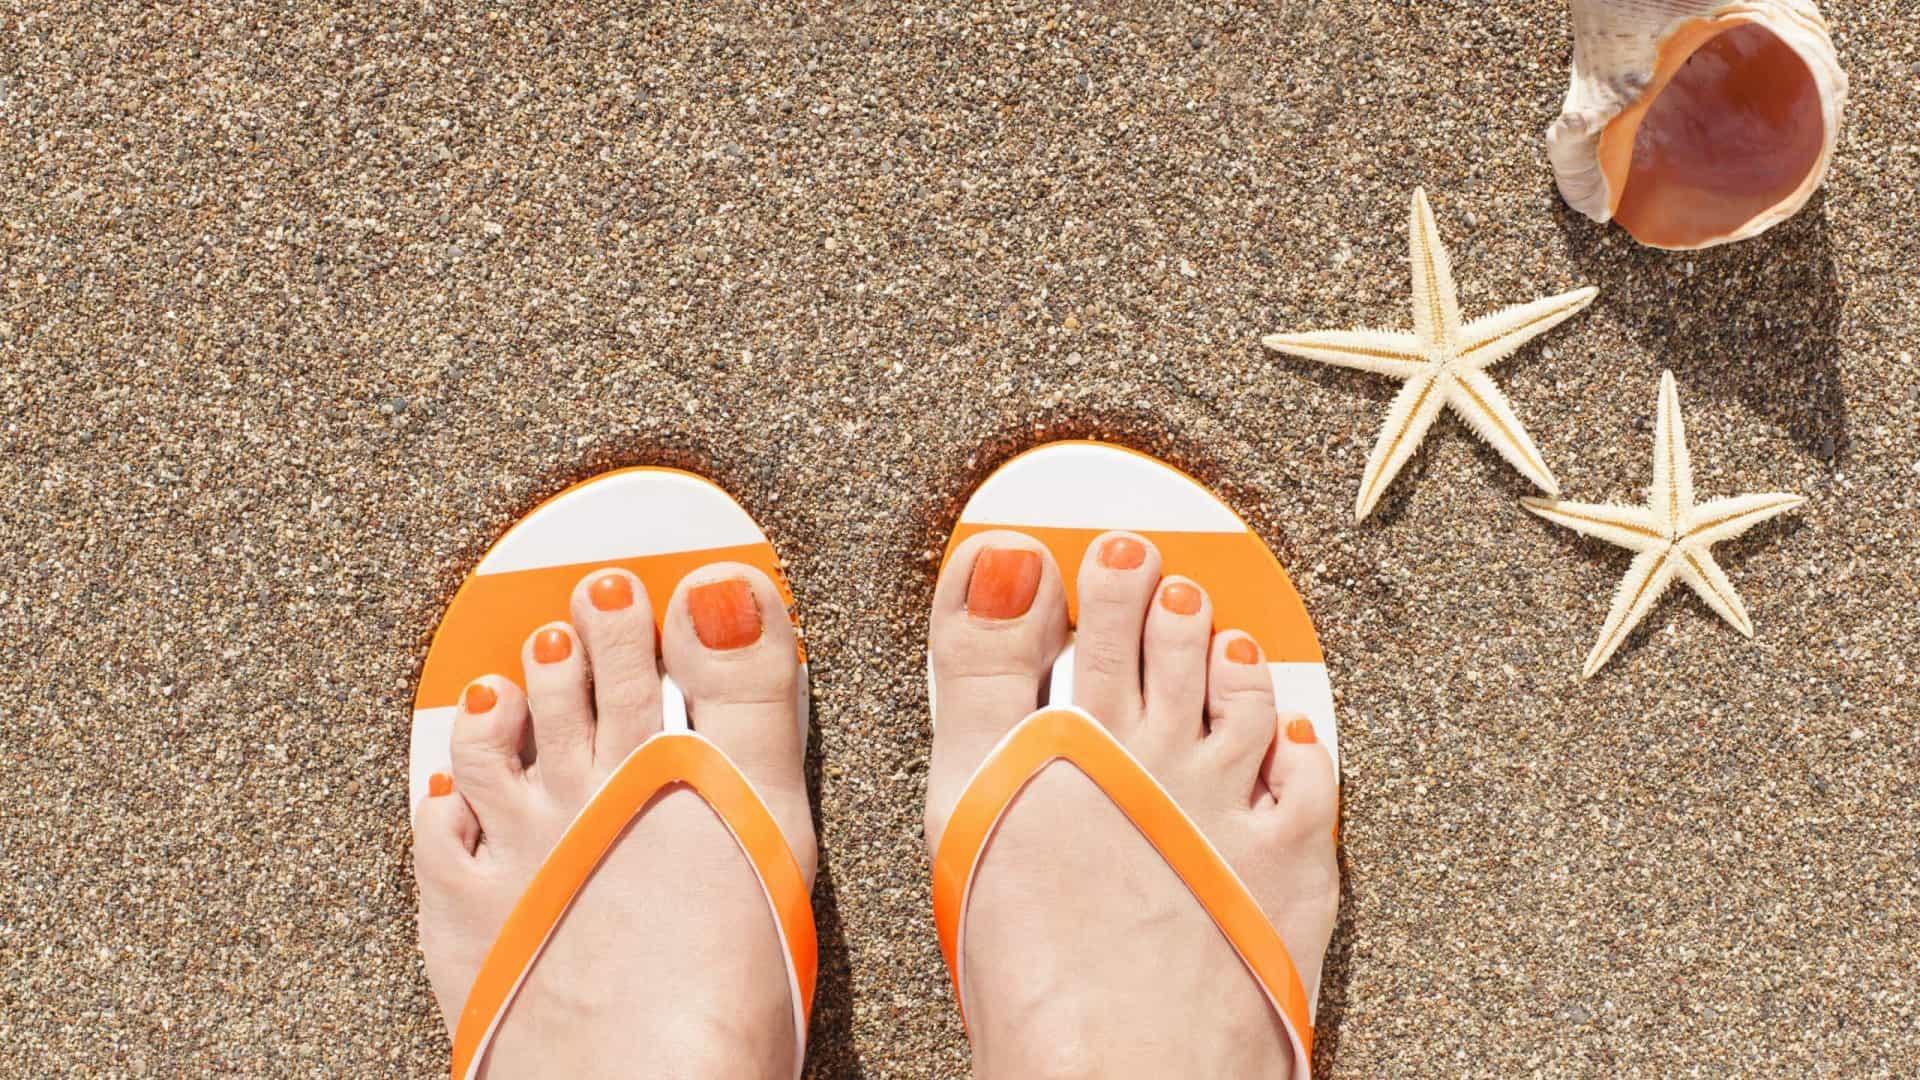 De acordo com um estudo, só nos Estados Unidos, 78% das pessoas desenvolveram problemas nos pés devido à regularidade com que calçam esses sapatos quando chegam os dias quentes